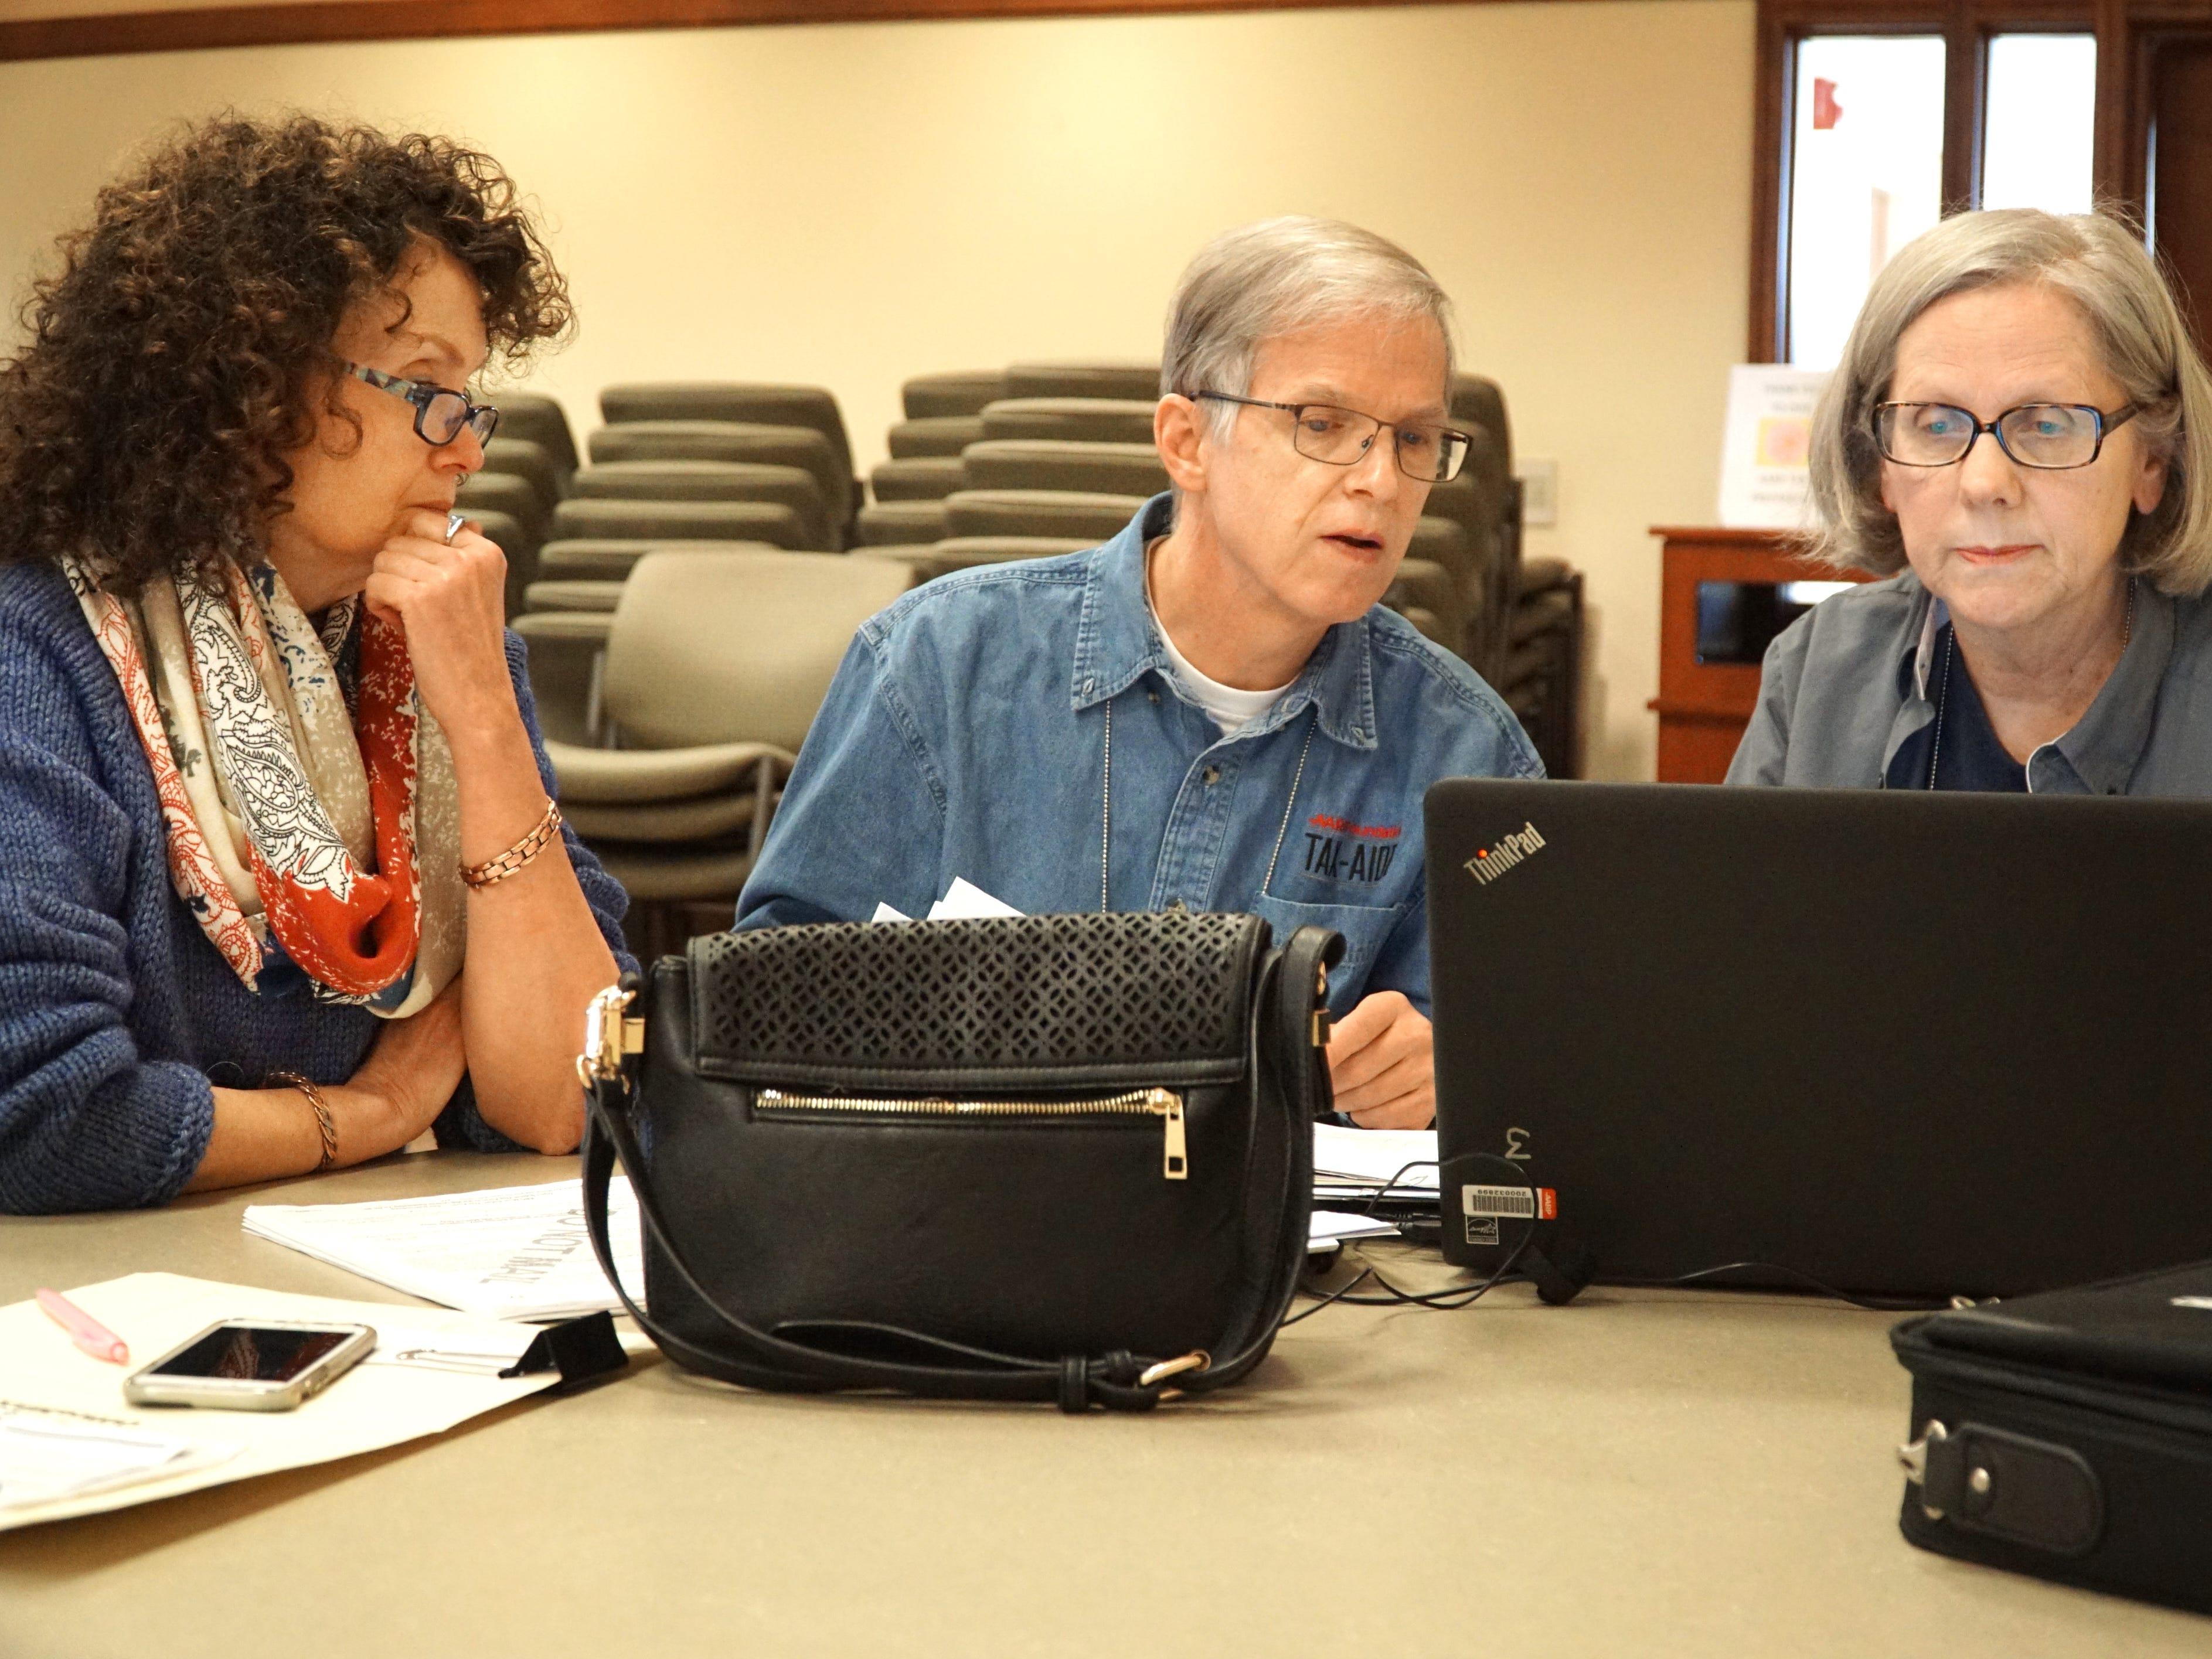 AARP volunteers Gene Wolbers and Diane Lahiff assist Linda Linder, left, in filing her 2018 taxes.